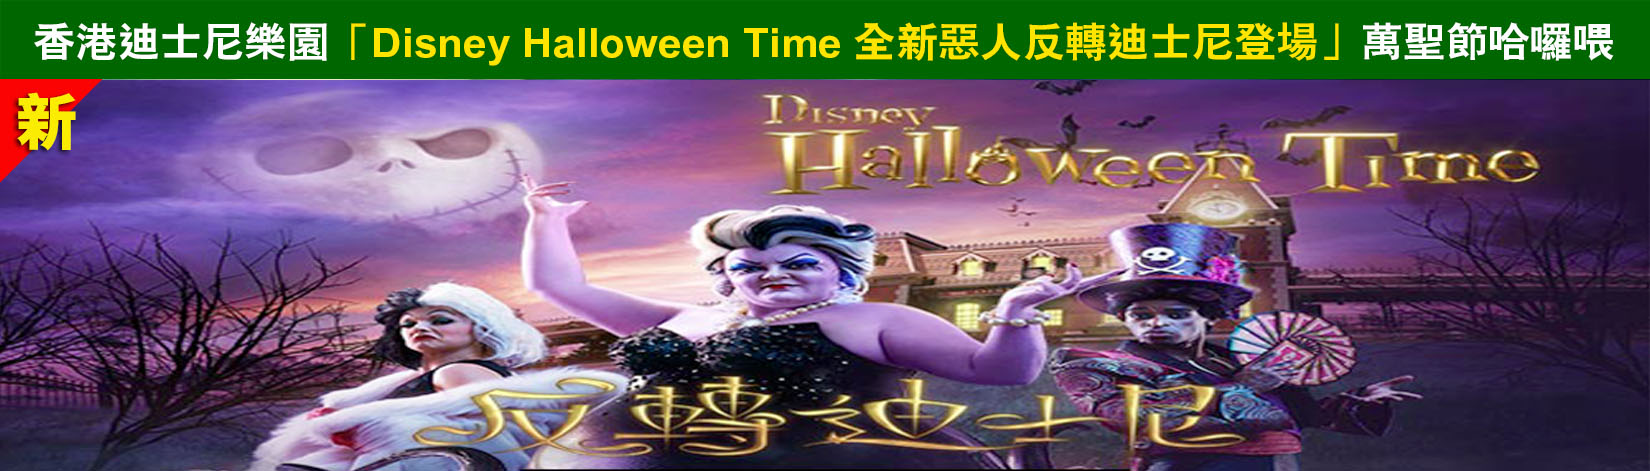 香港迪士尼主題公園樂園酒店自助餐門票入場劵優惠套票 disney hotel hong kong disneyland buffet package